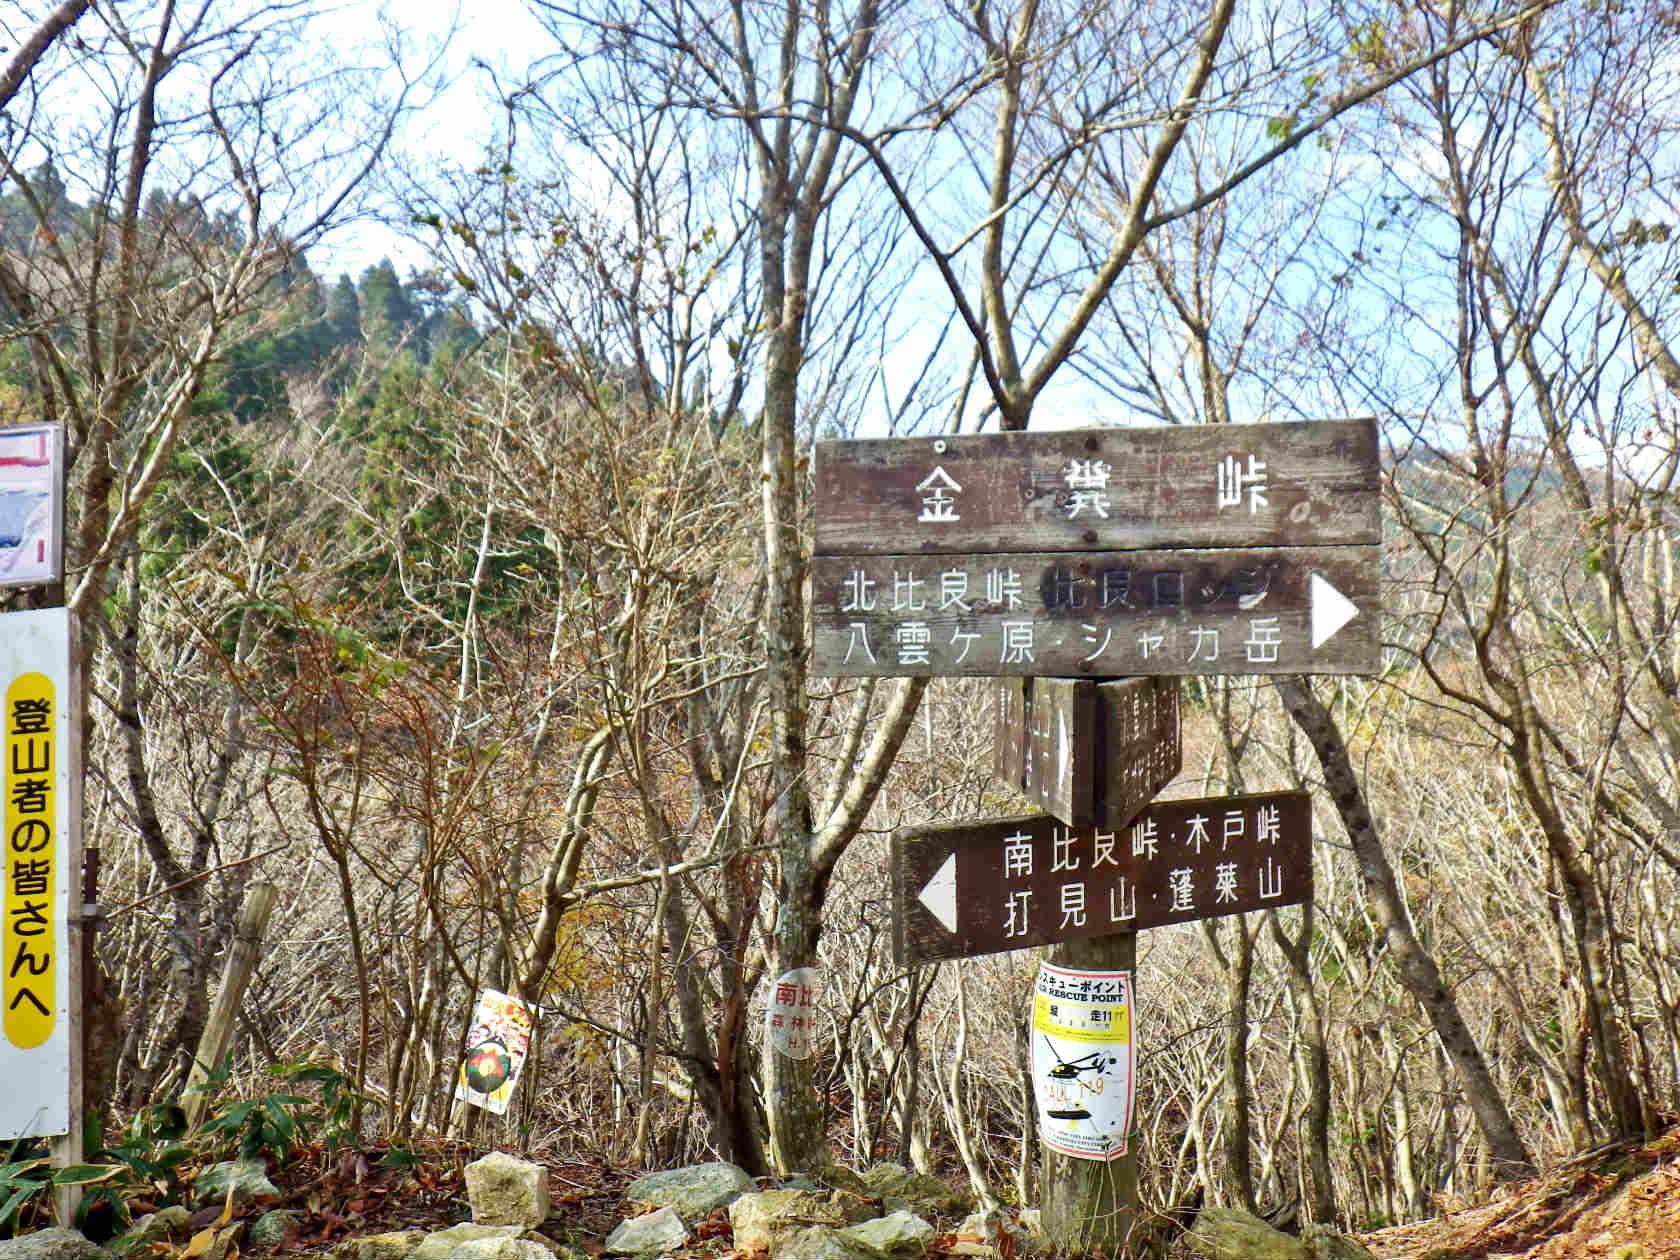 13a 金糞峠の標識